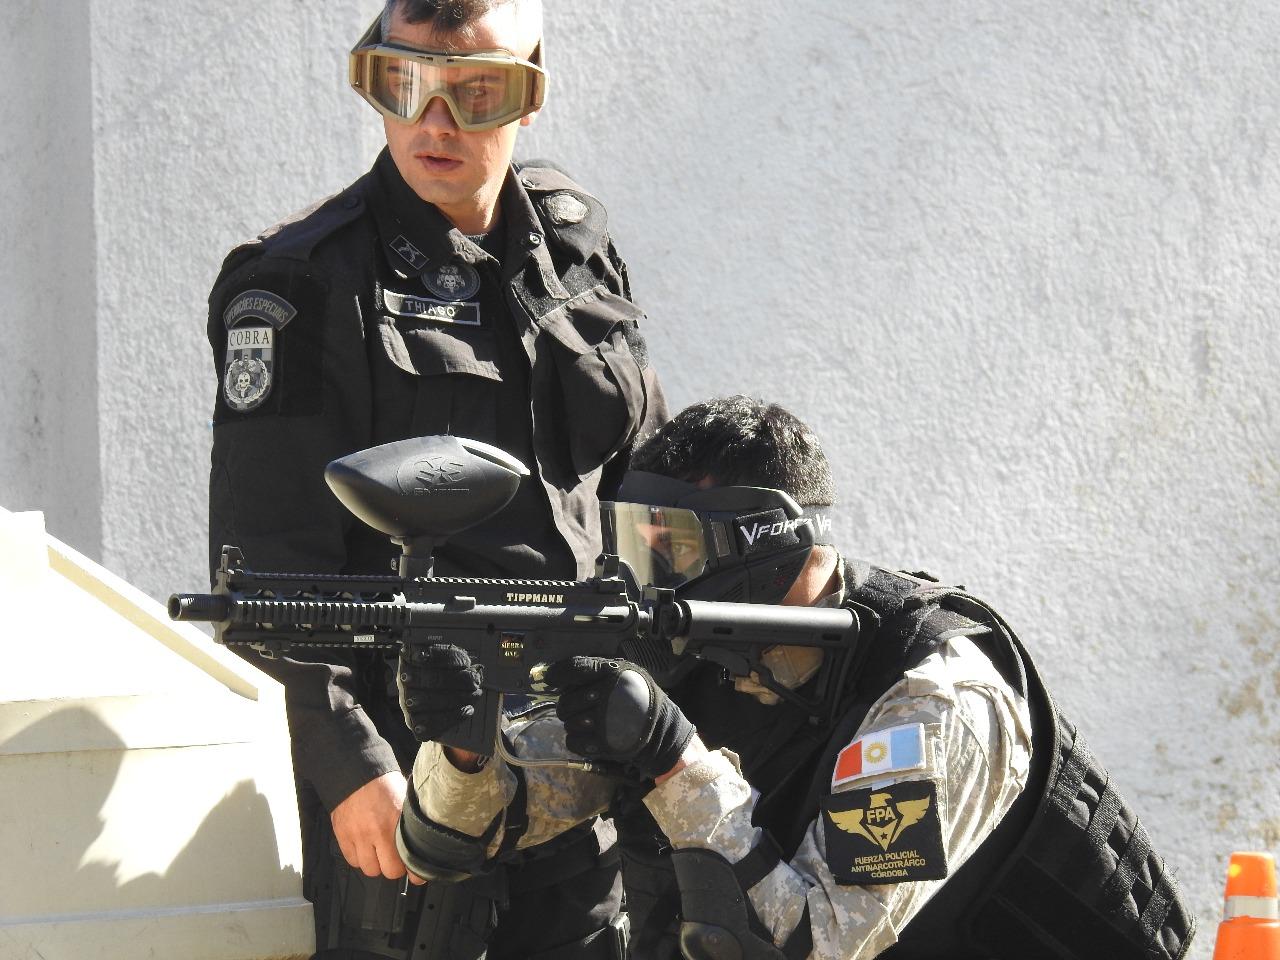 Policiais de Santa Catarina levaram seus conhecimentos para os colegas argentinos Fotos Divulgação